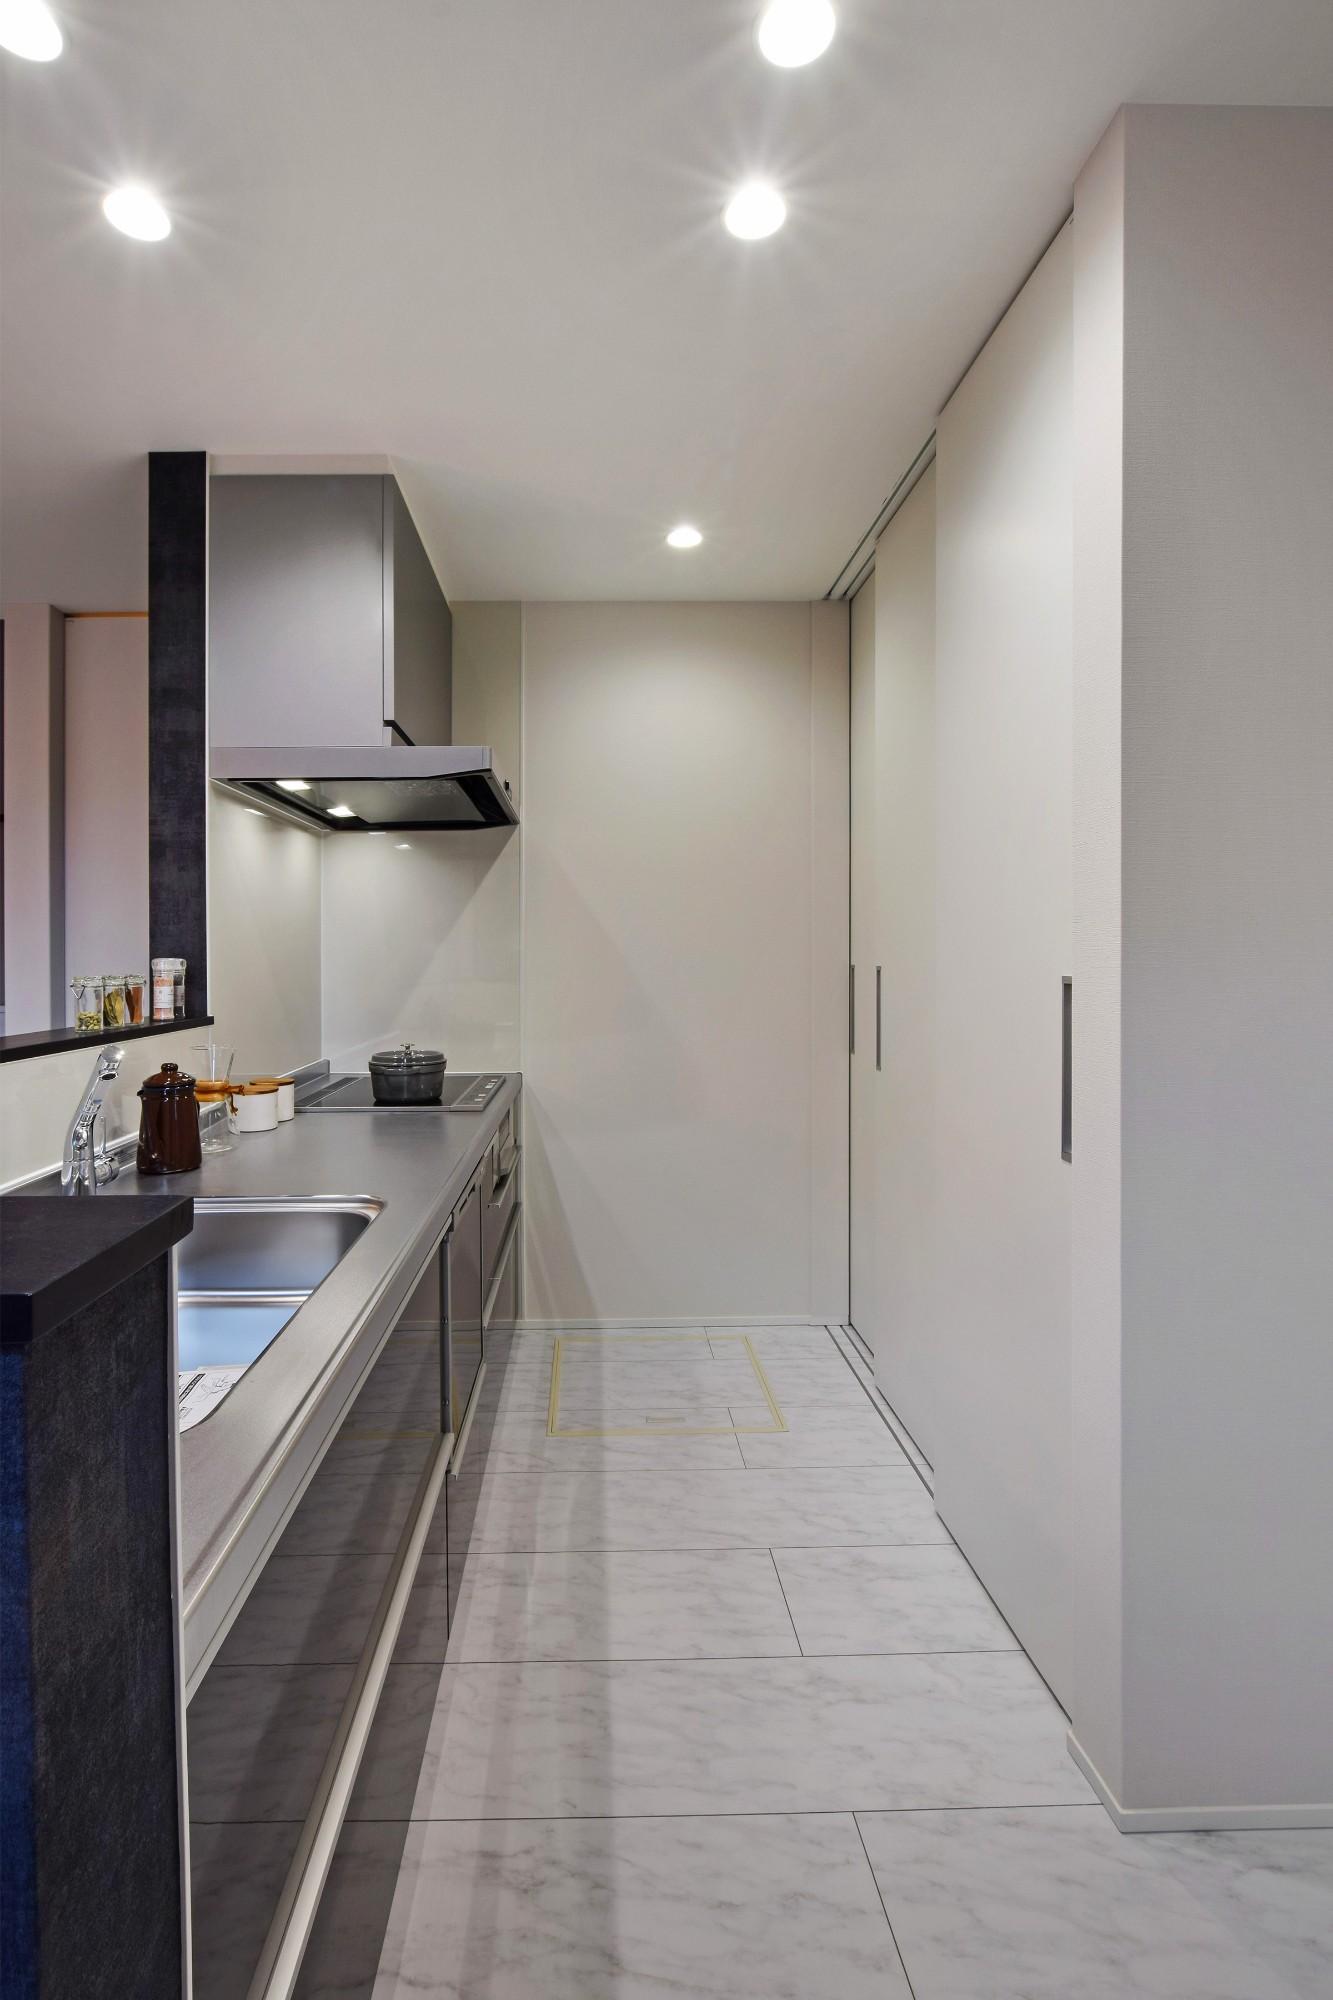 DETAIL HOME(ディテールホーム)「40代からのワンフロアスタイル」のシンプル・ナチュラルなキッチンの実例写真